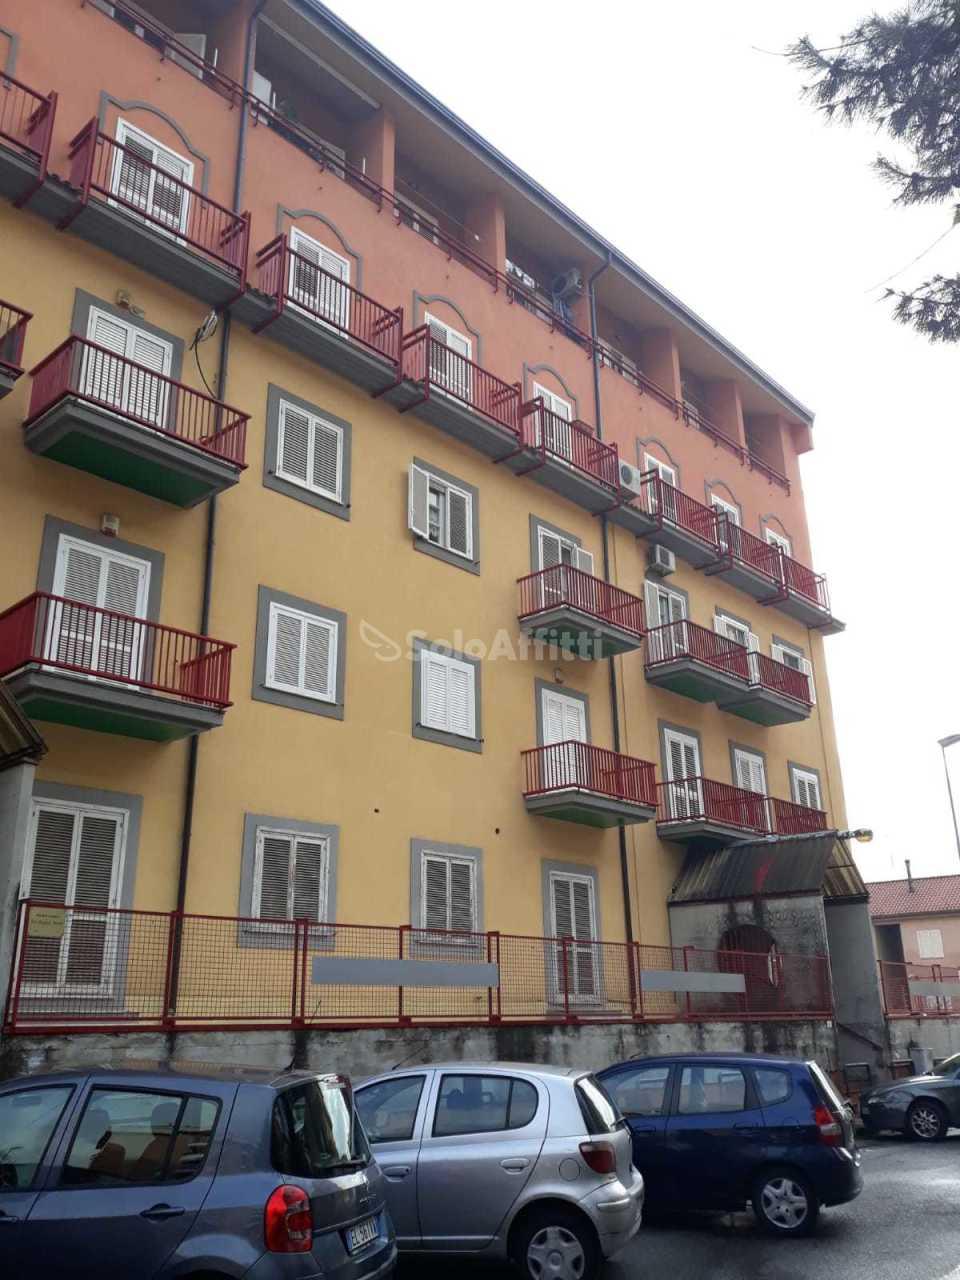 Ufficio - 1 locale a Fratte, Salerno Rif. 9051836